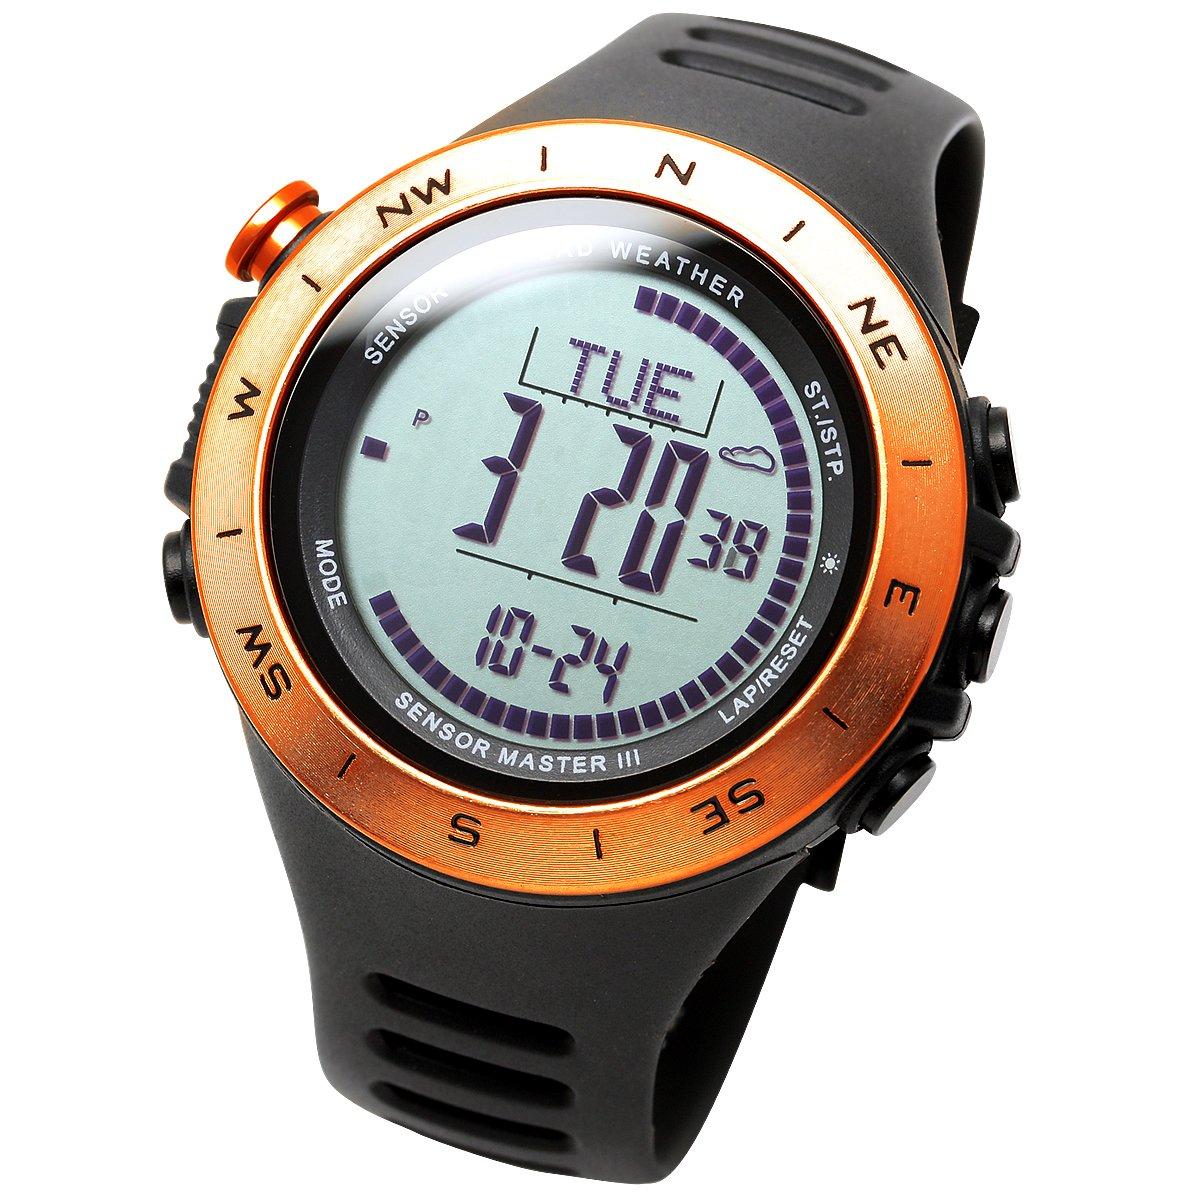 [Lad Weather] Sensor suizo, resistencia al agua hasta 100m, altímetro meteorológico (soleado/nuboso/lluvioso/tormenta), reloj multifunción